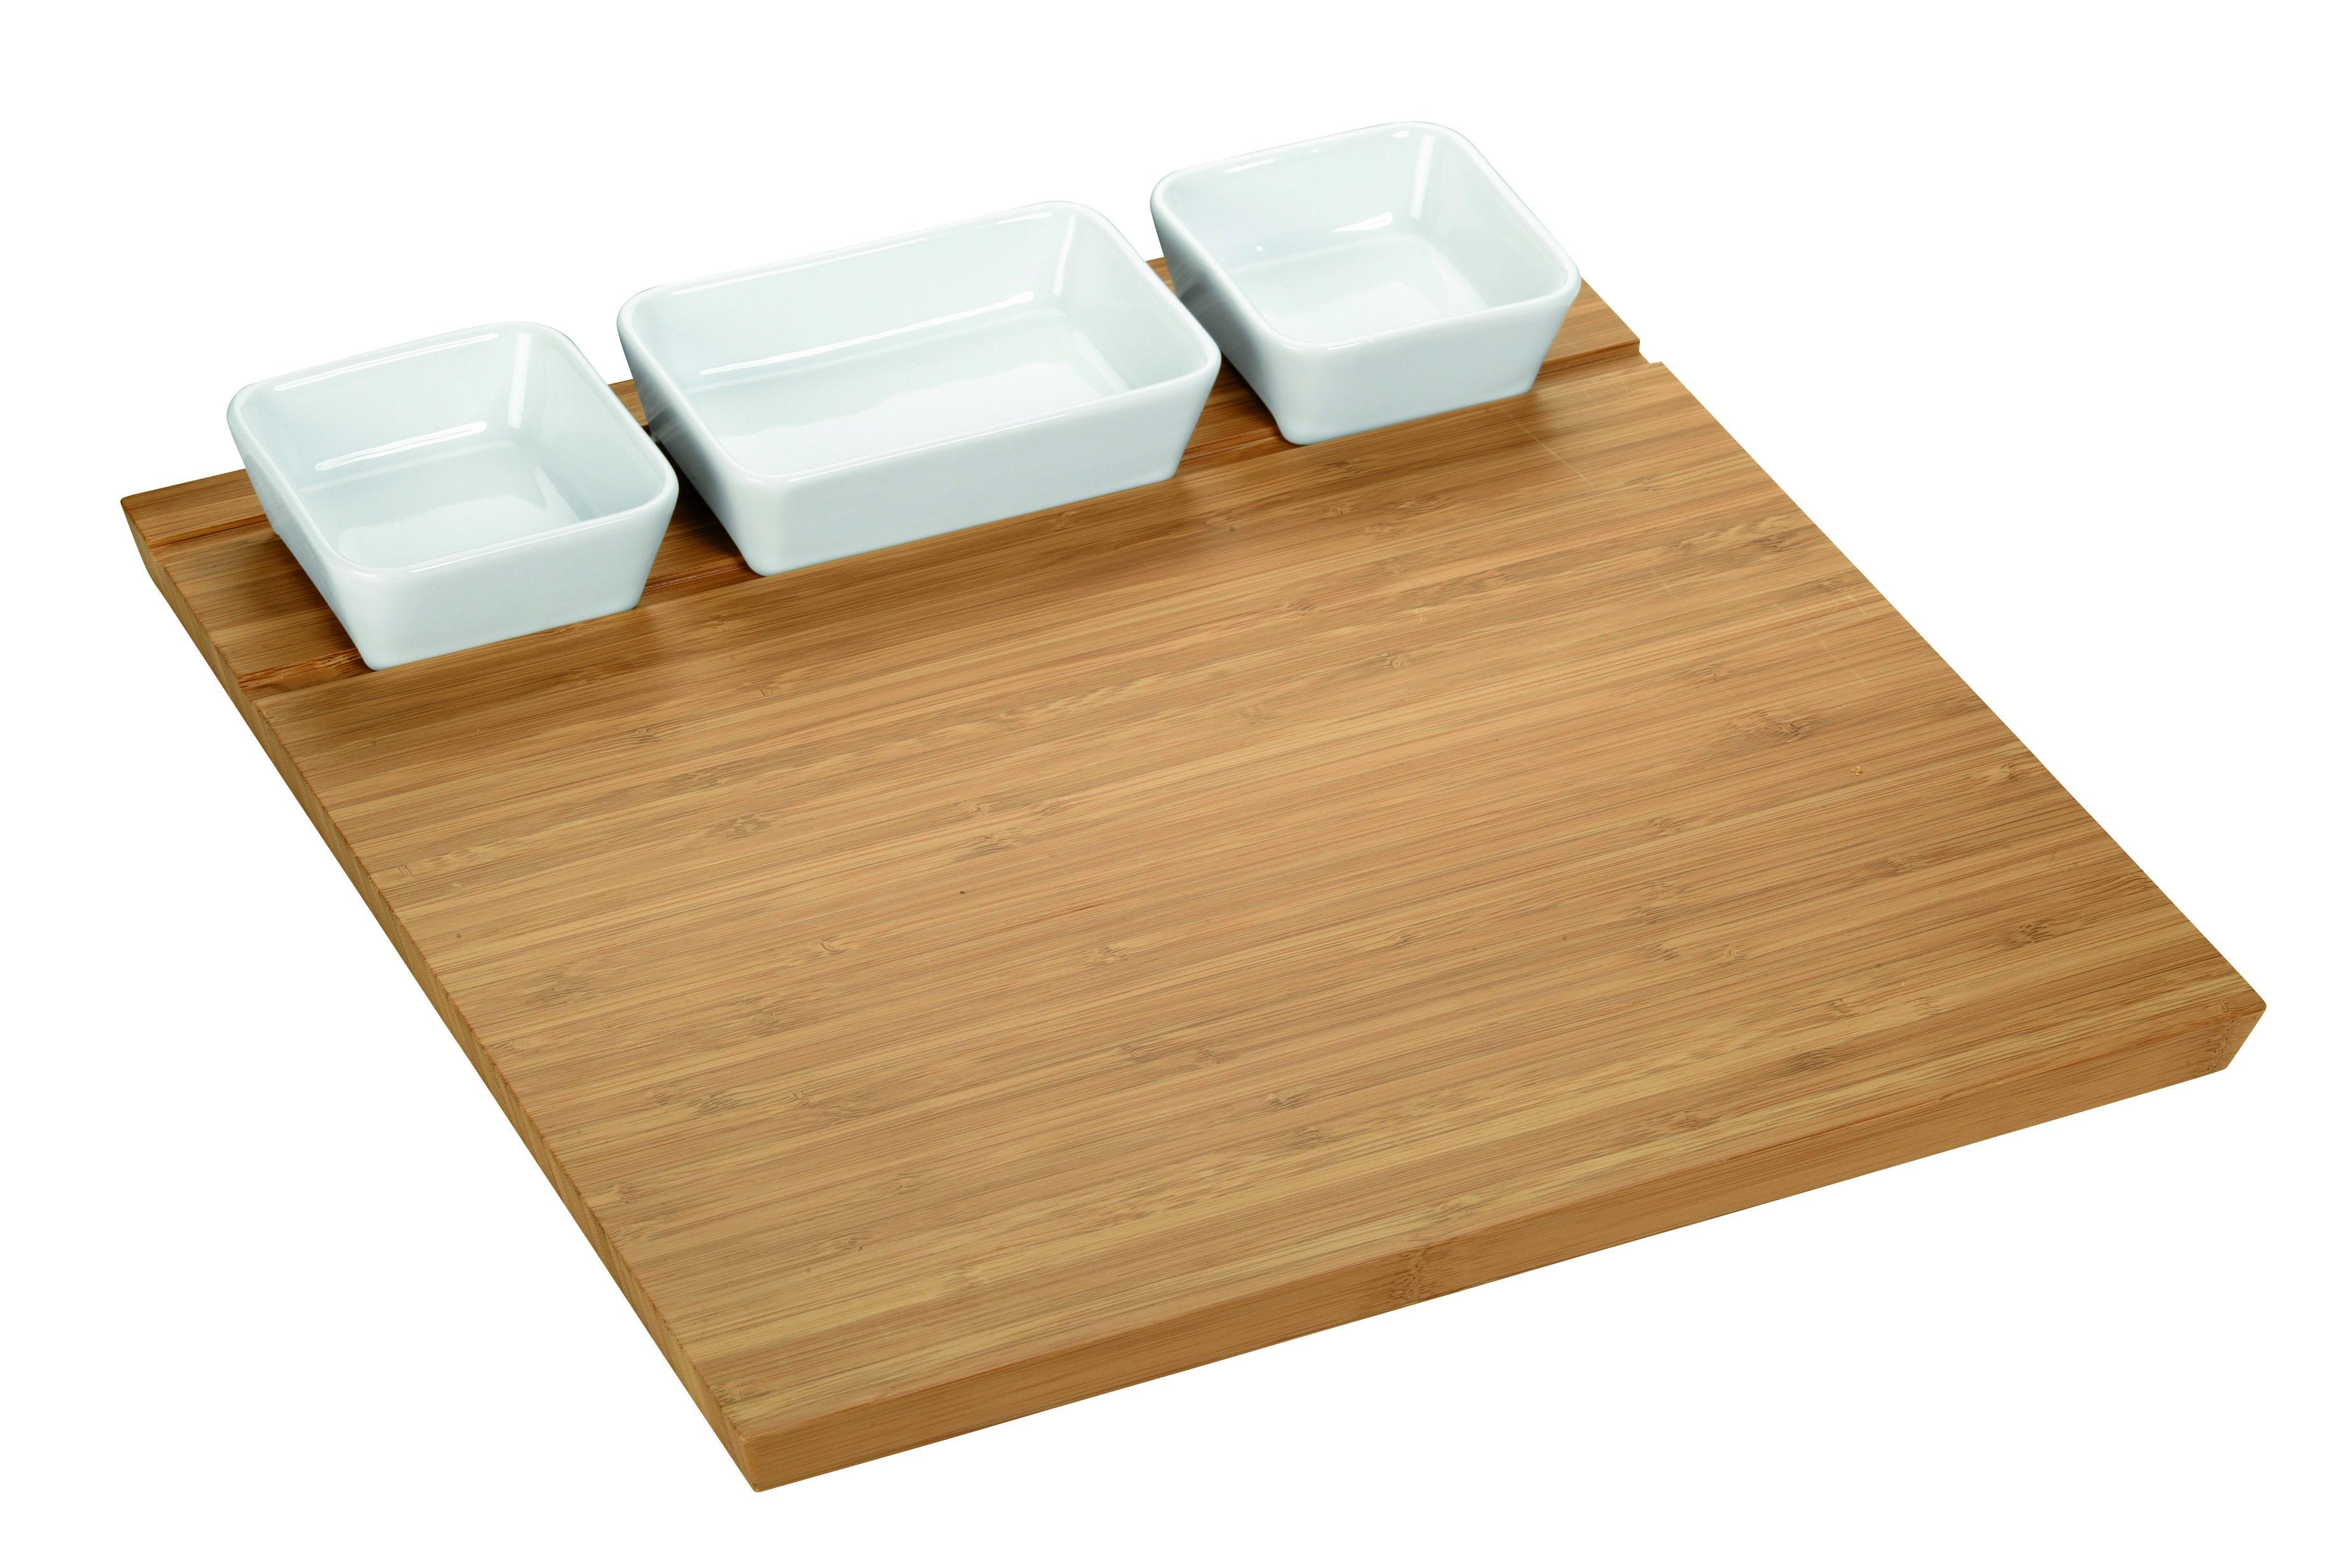 Pratico e semplice accessorio per portare in tavola aperitivi e stuzzichini.